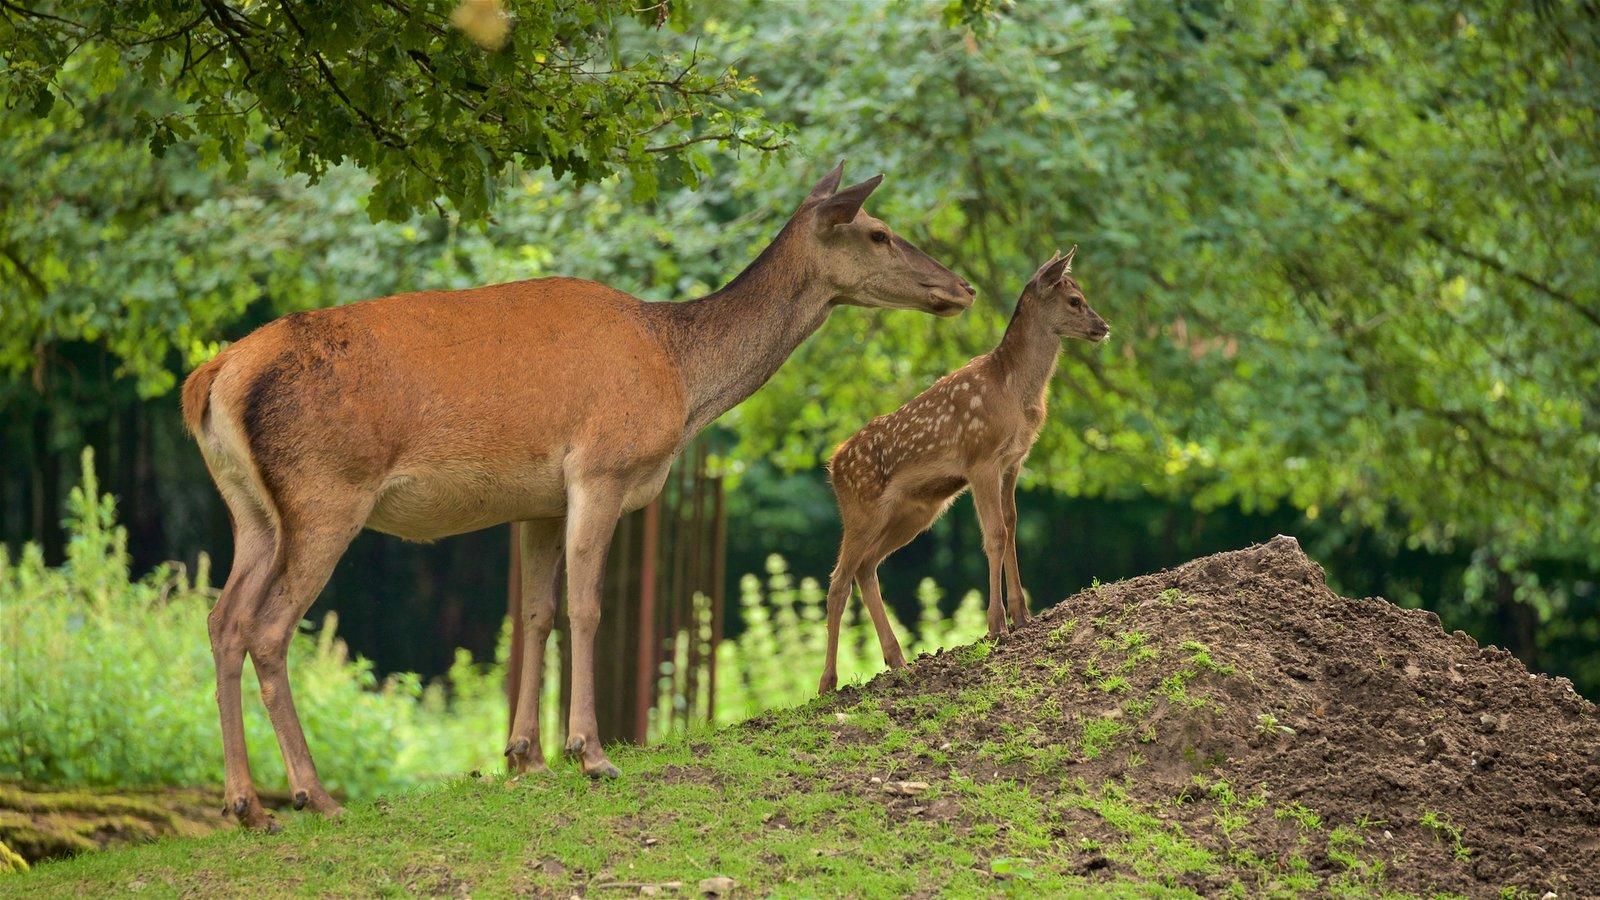 Olderdissen Animal Park showing zoo animals, land animals and cuddly or friendly animals